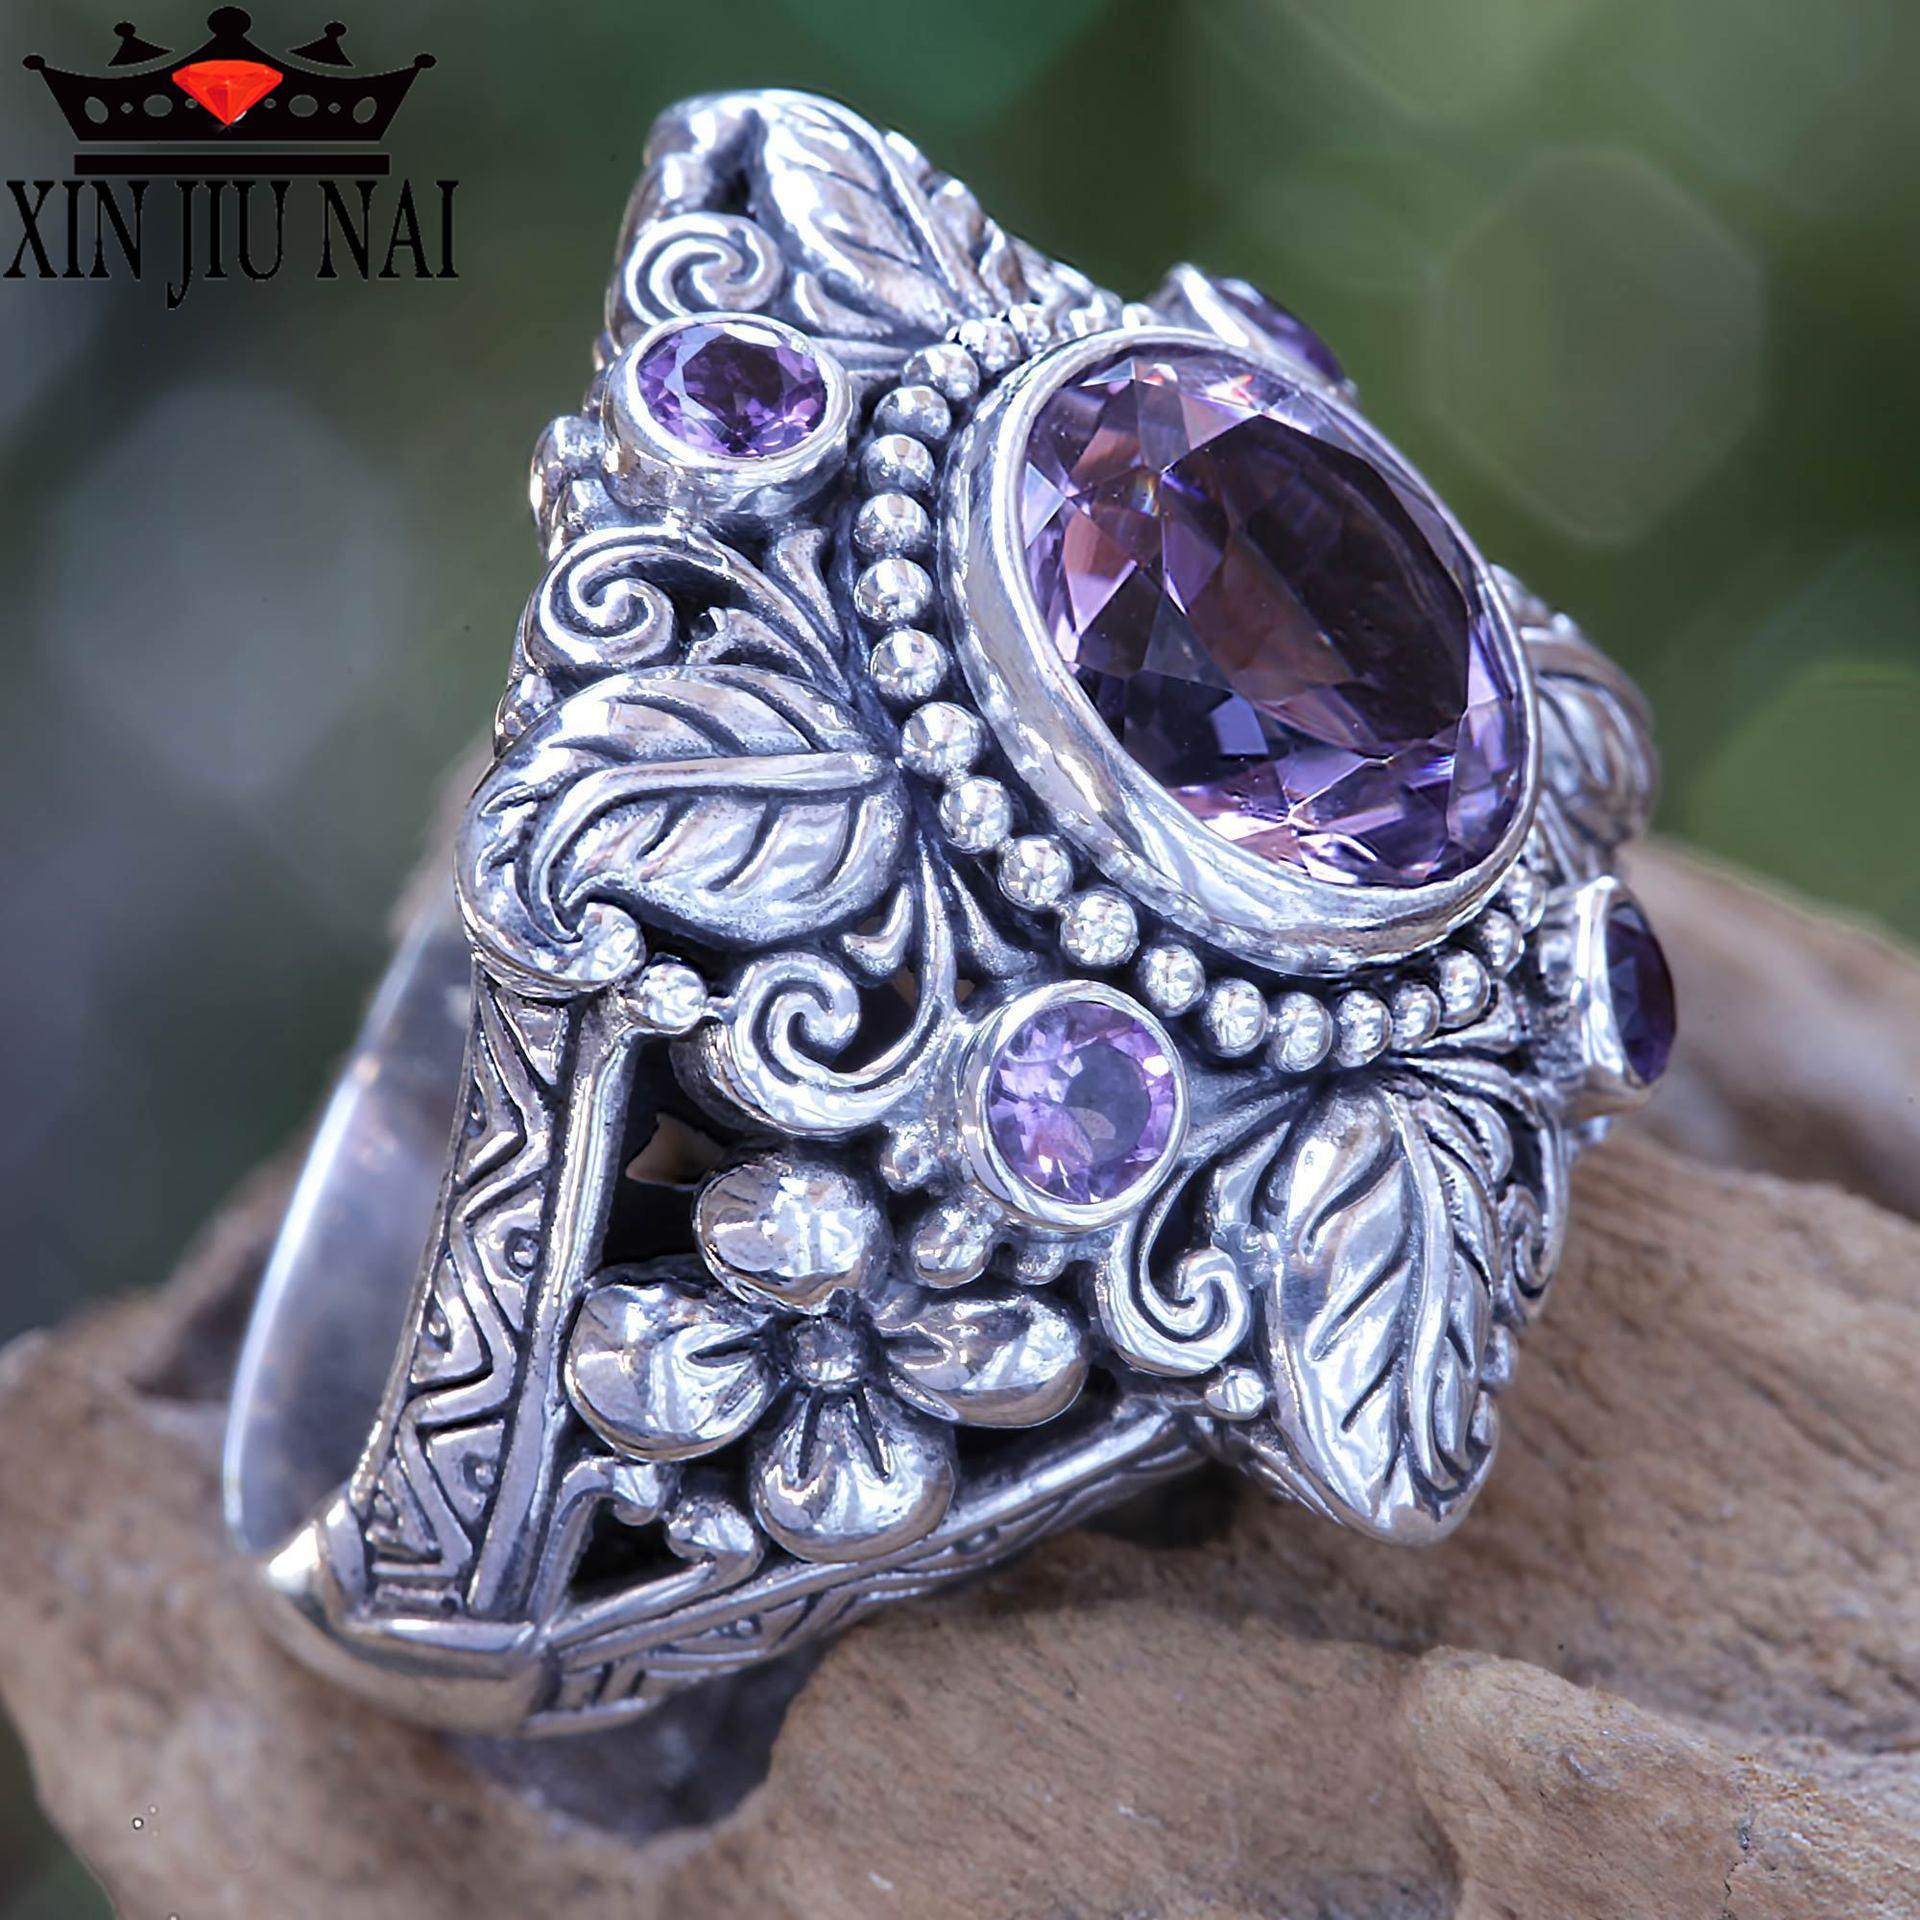 925 libras esterlinas de prata Do Vintage Thai Prata Folha Em Forma de Flor Cor Grande Anel De Cristal para a Mulher com Roxo CZ Pedra ametista anel